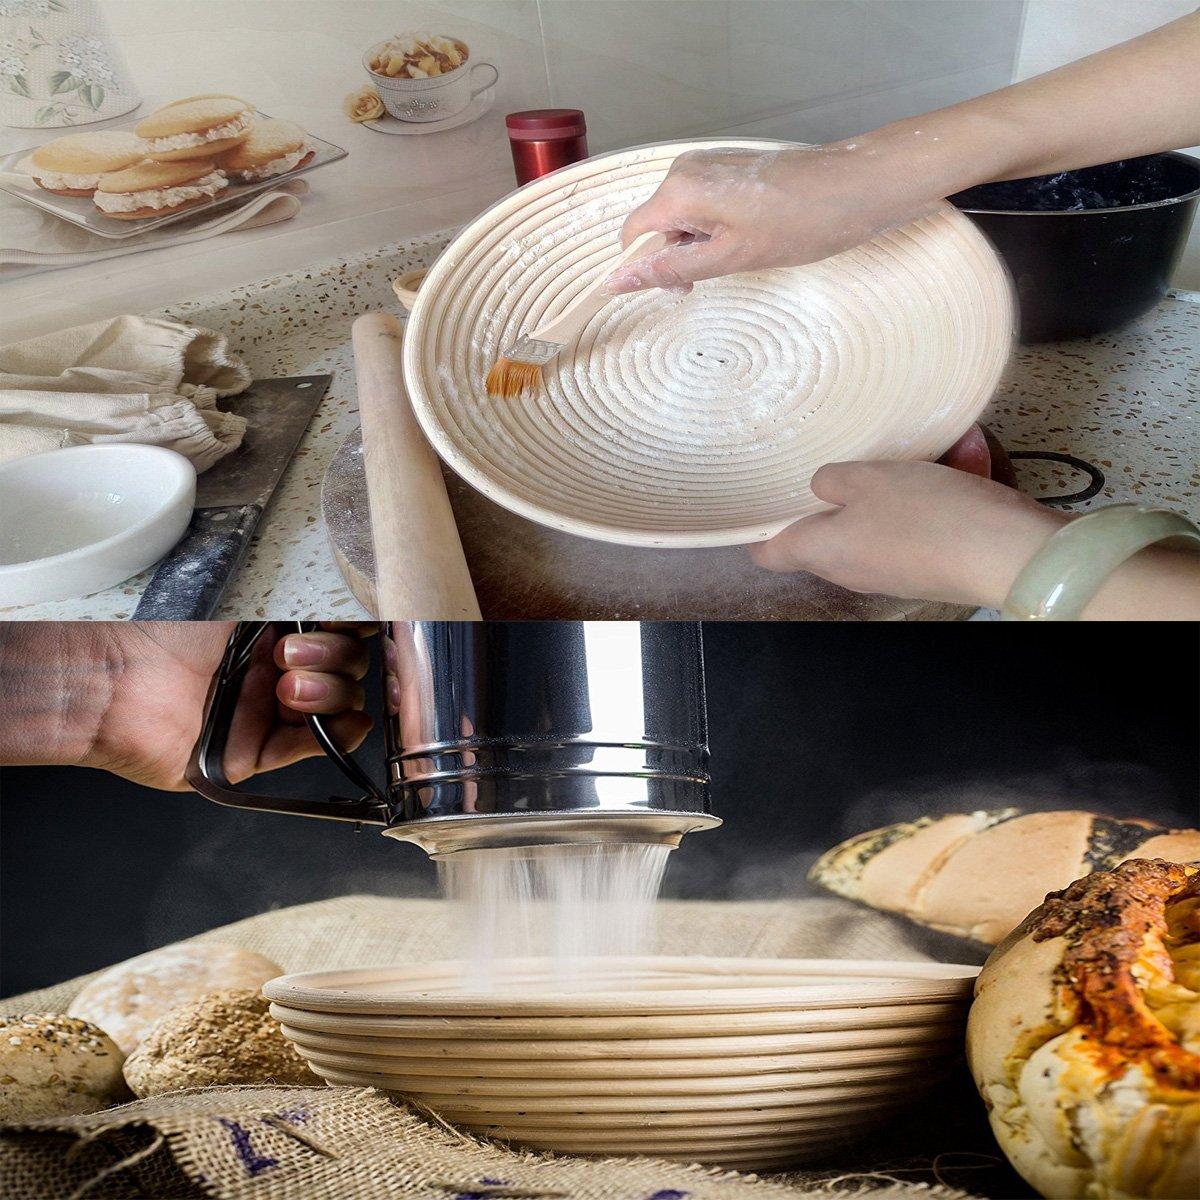 Daorier Natural Ratan Levar masas masa de pan cesta de comprobaci/ón tradicional redondo daorier Natural Ratan Levar masas masa de pan cesta de comprobaci/ón tradicional redondo 18*9cm